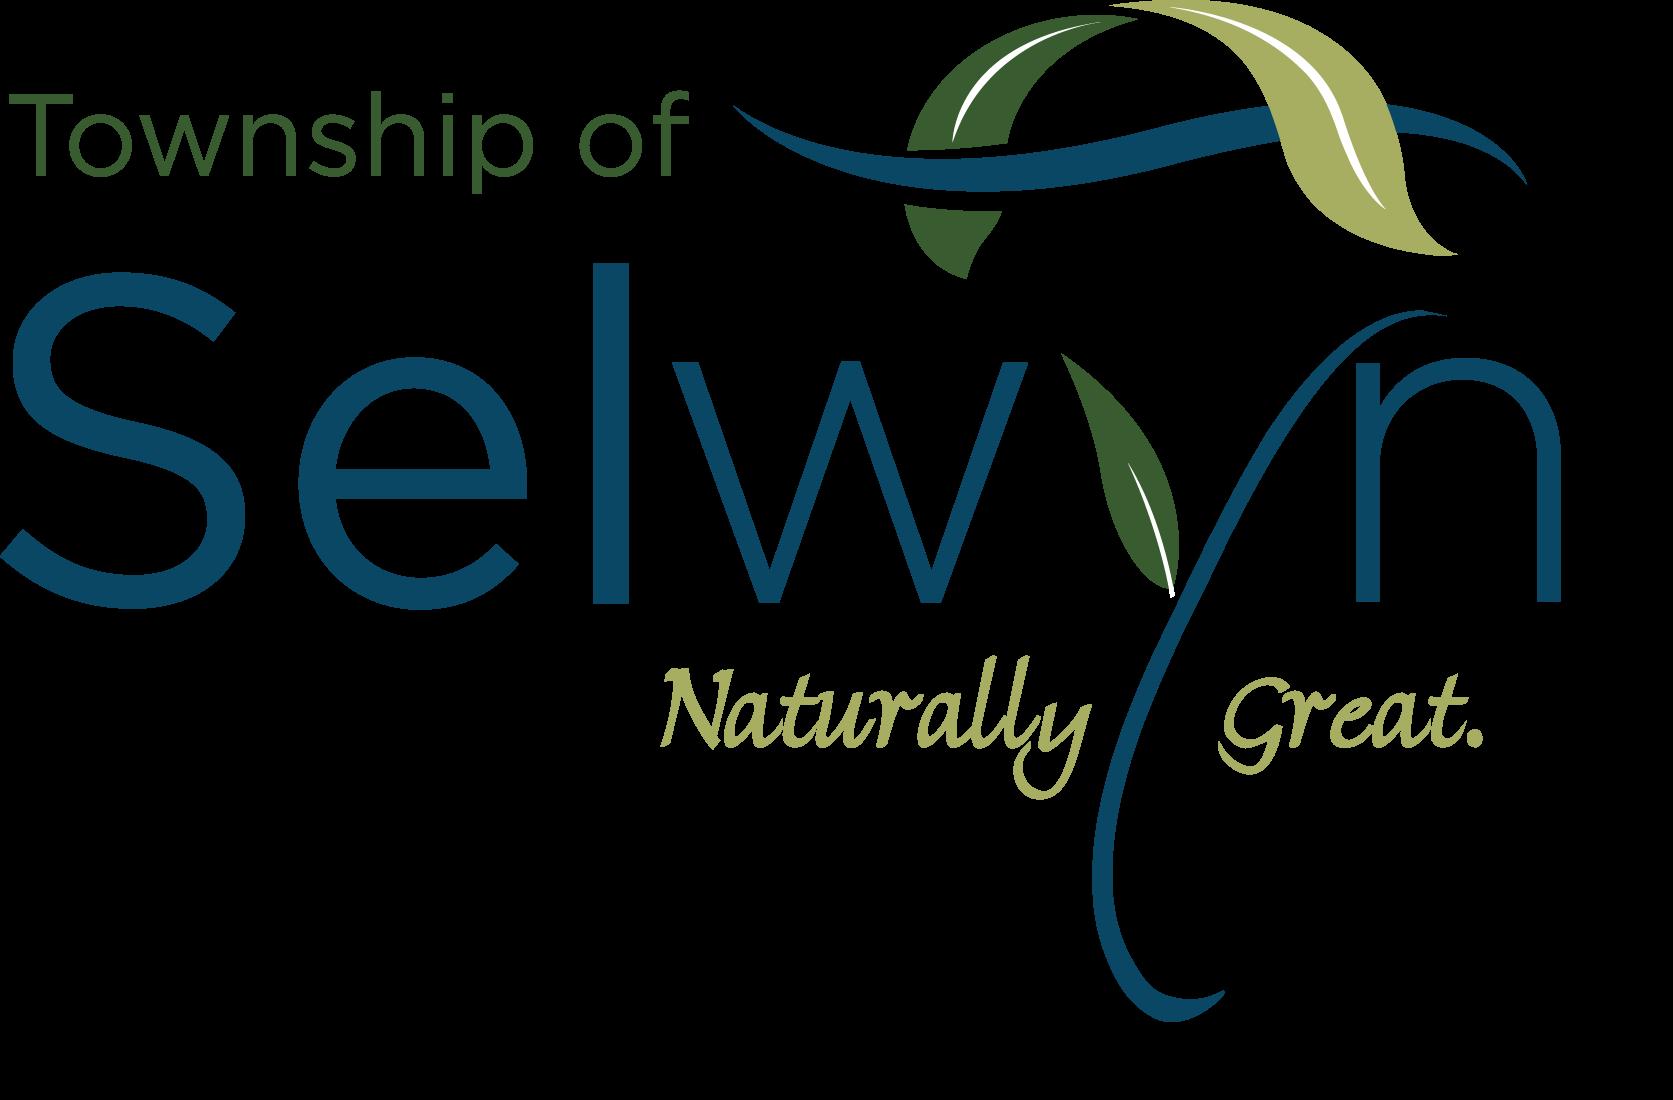 Selwyn_RGB_logo_tagline.png